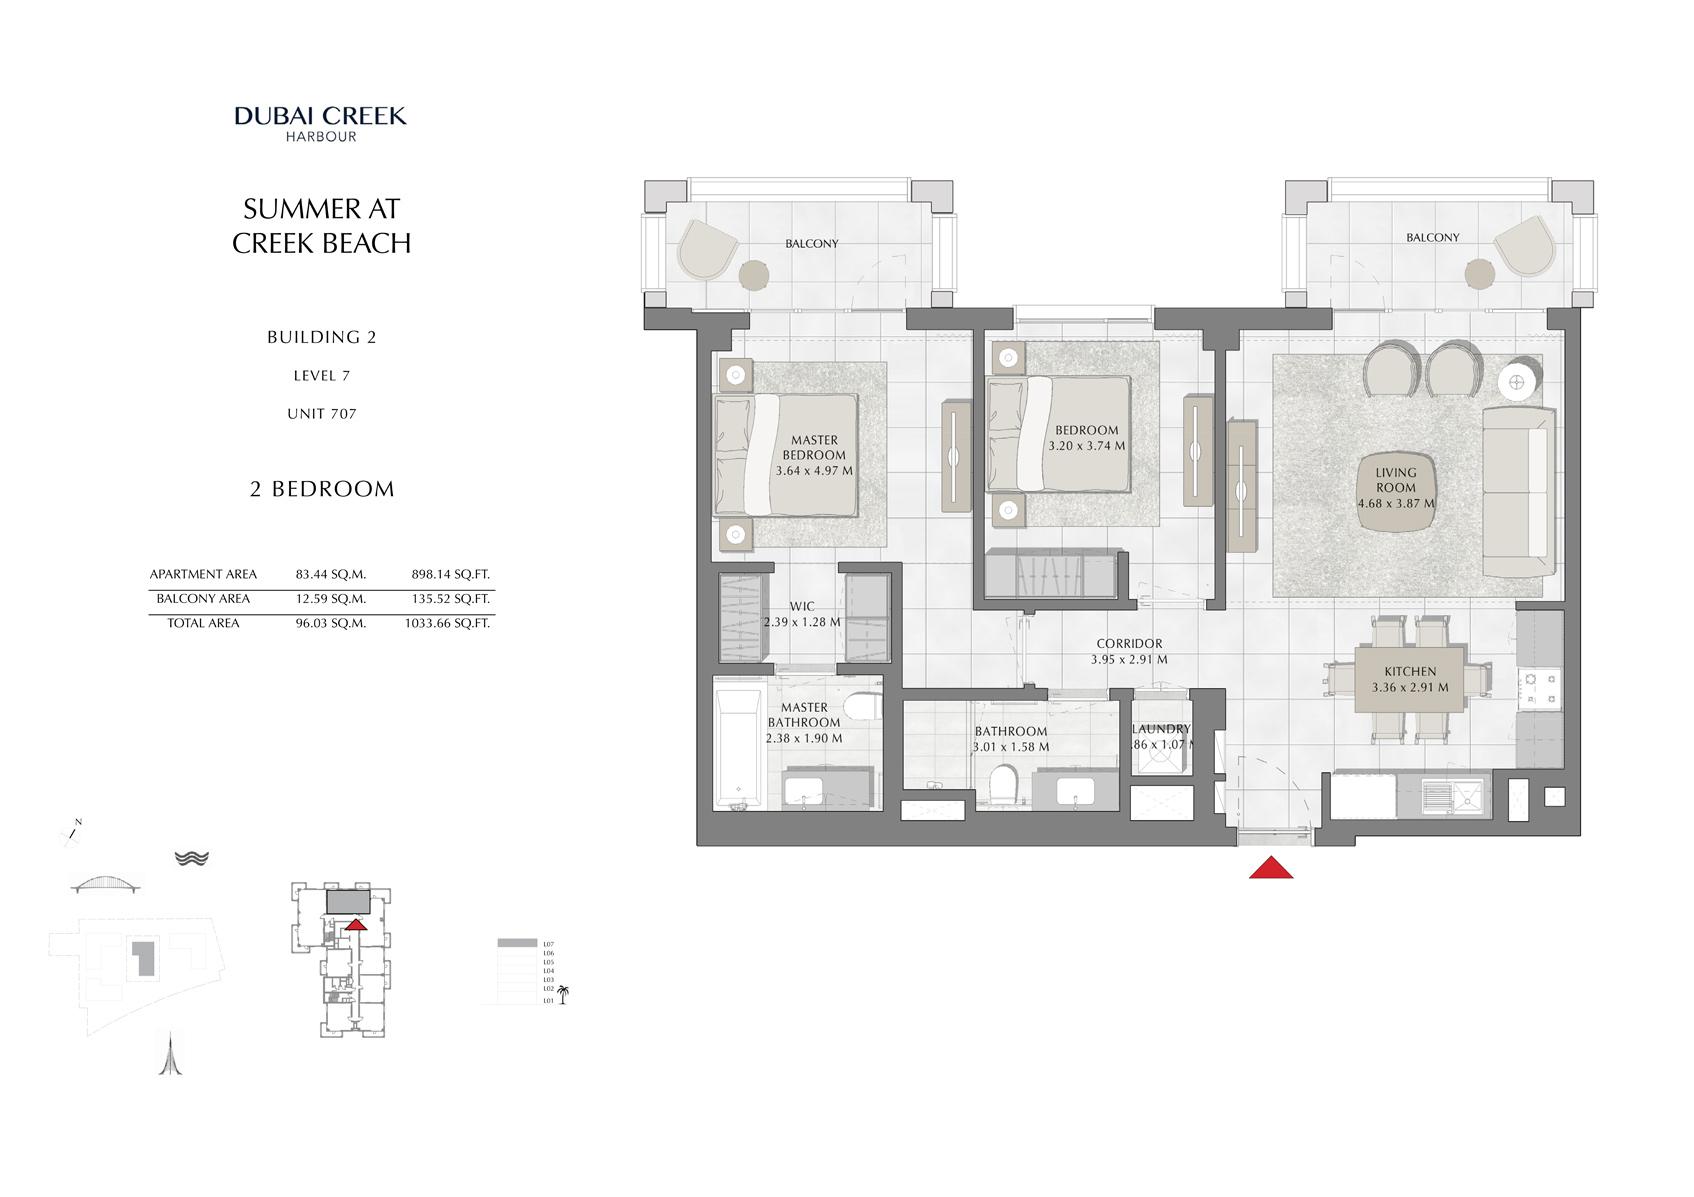 2 Br Building 2 Level 7 Unit 707, Size 1033 Sq Ft